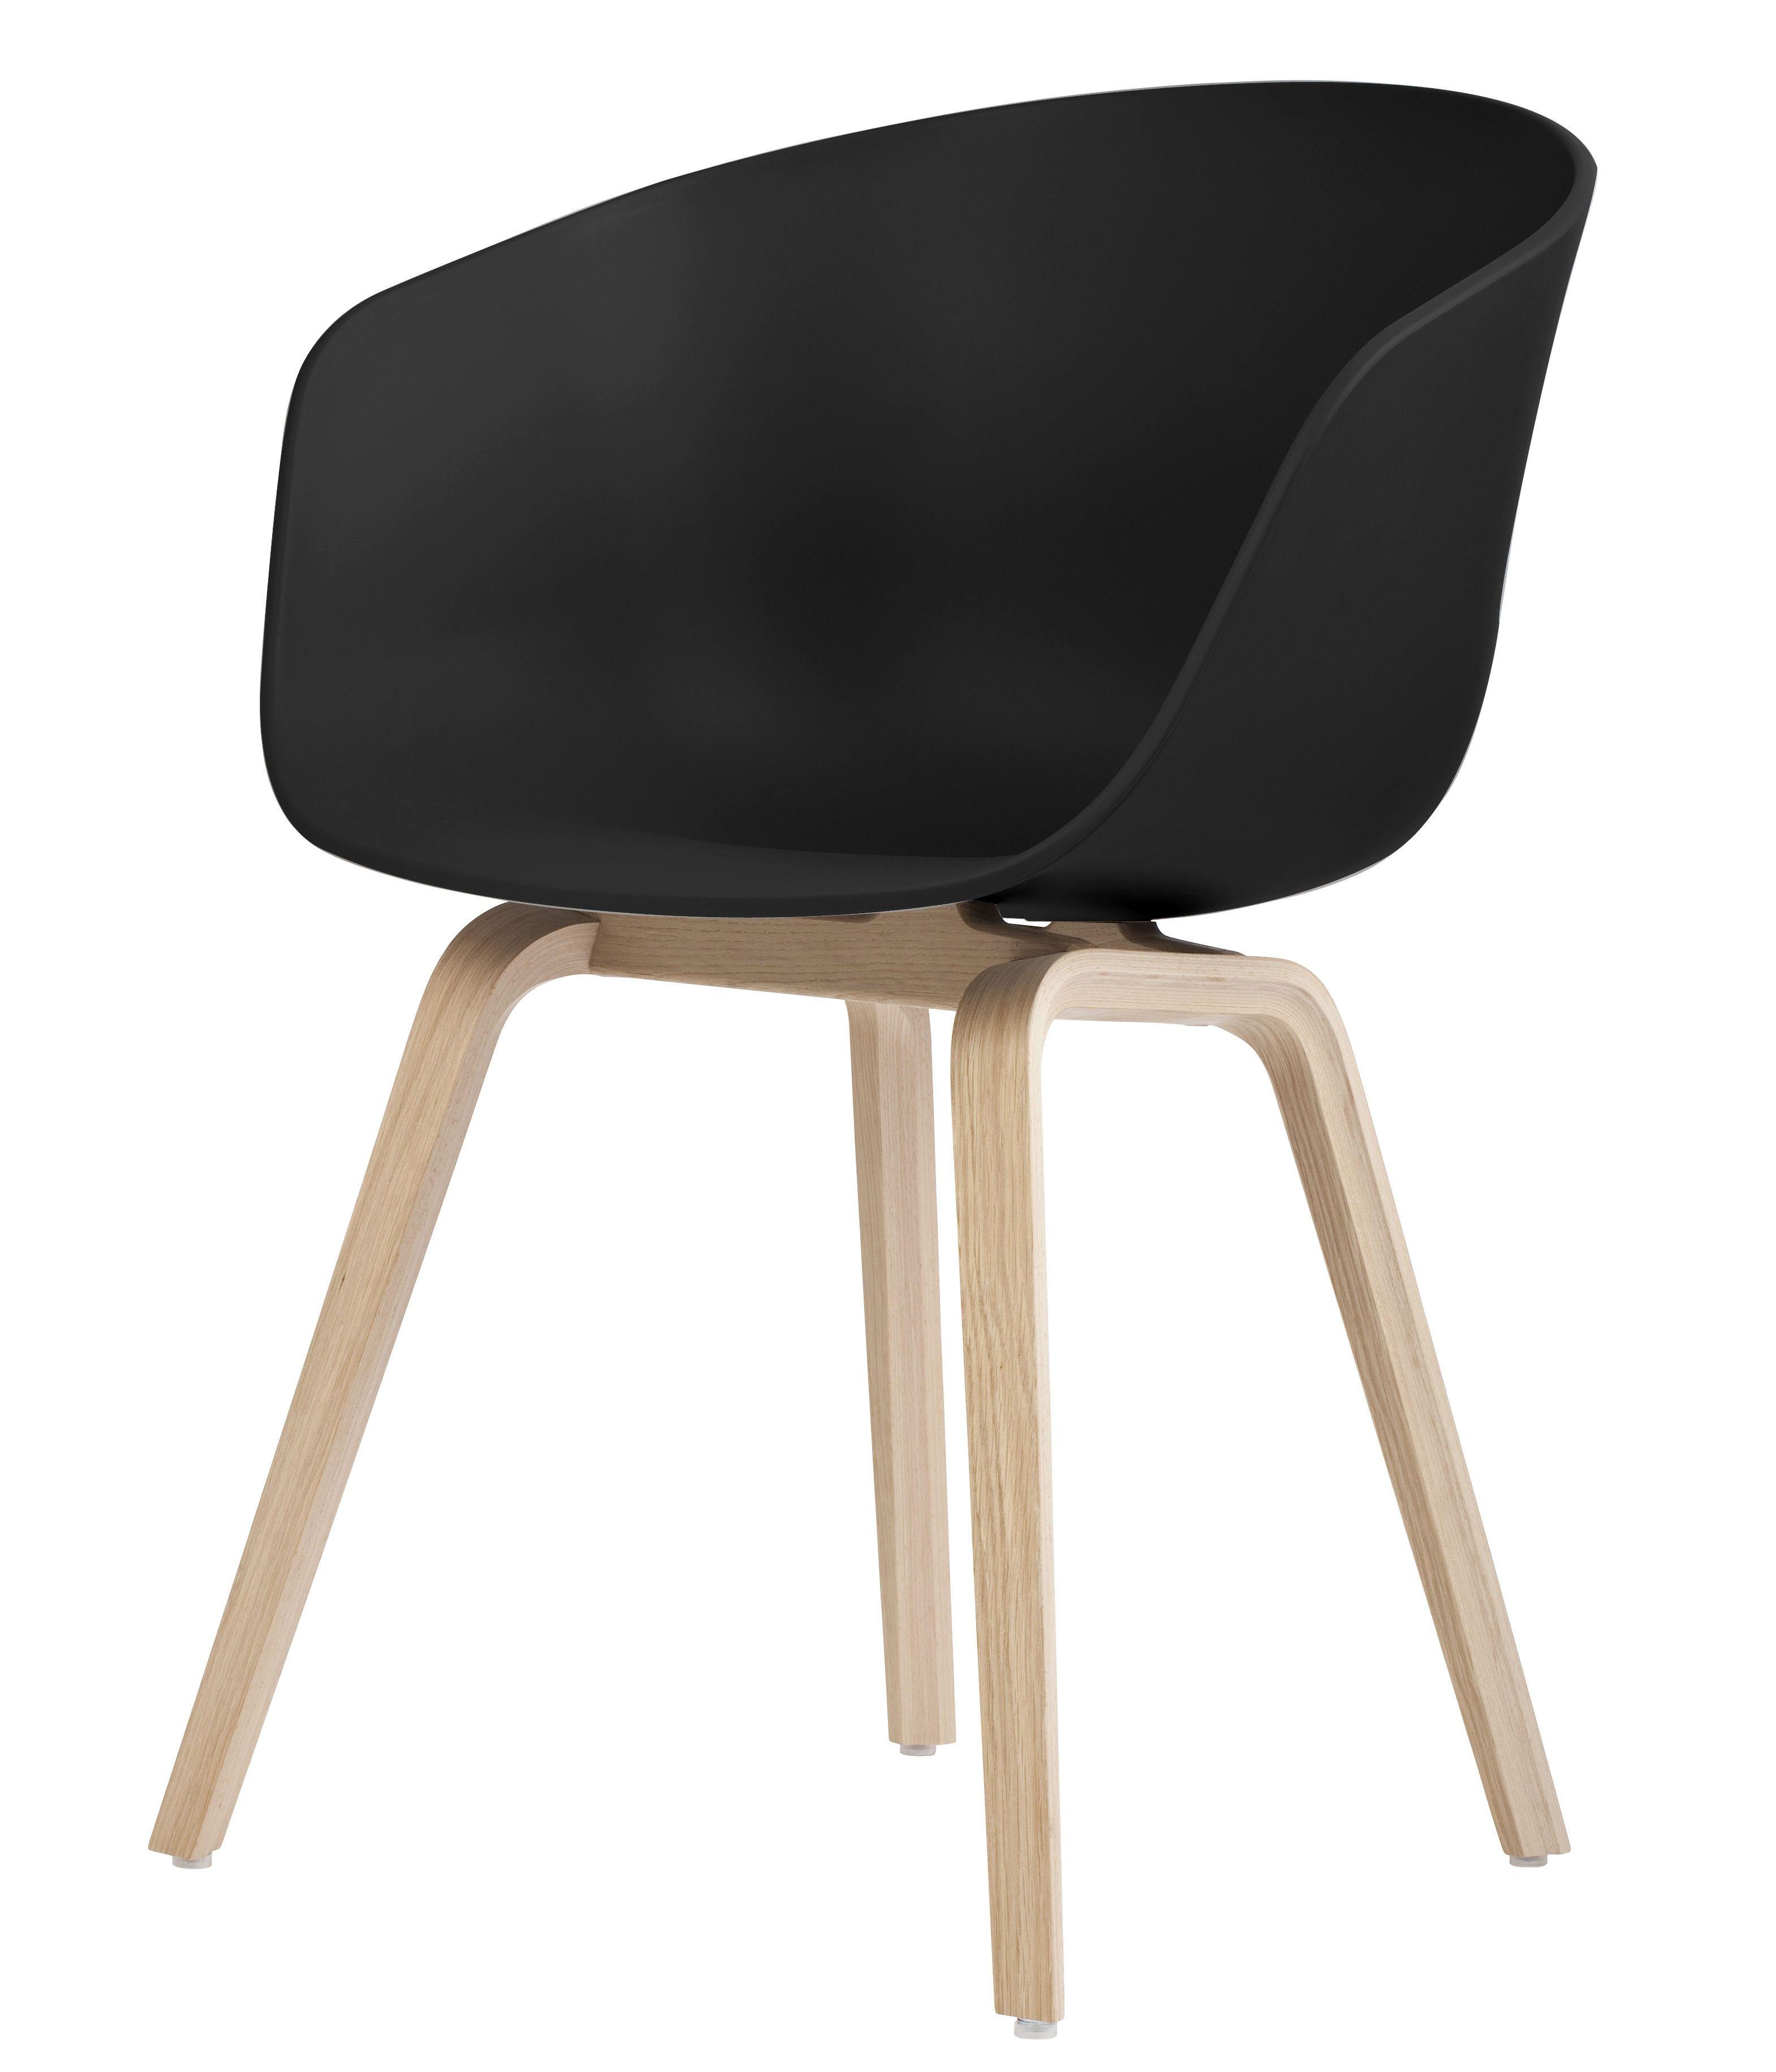 Fauteuil About A Chair Coque Plastique Pieds Bois Noir Pitement Naturel